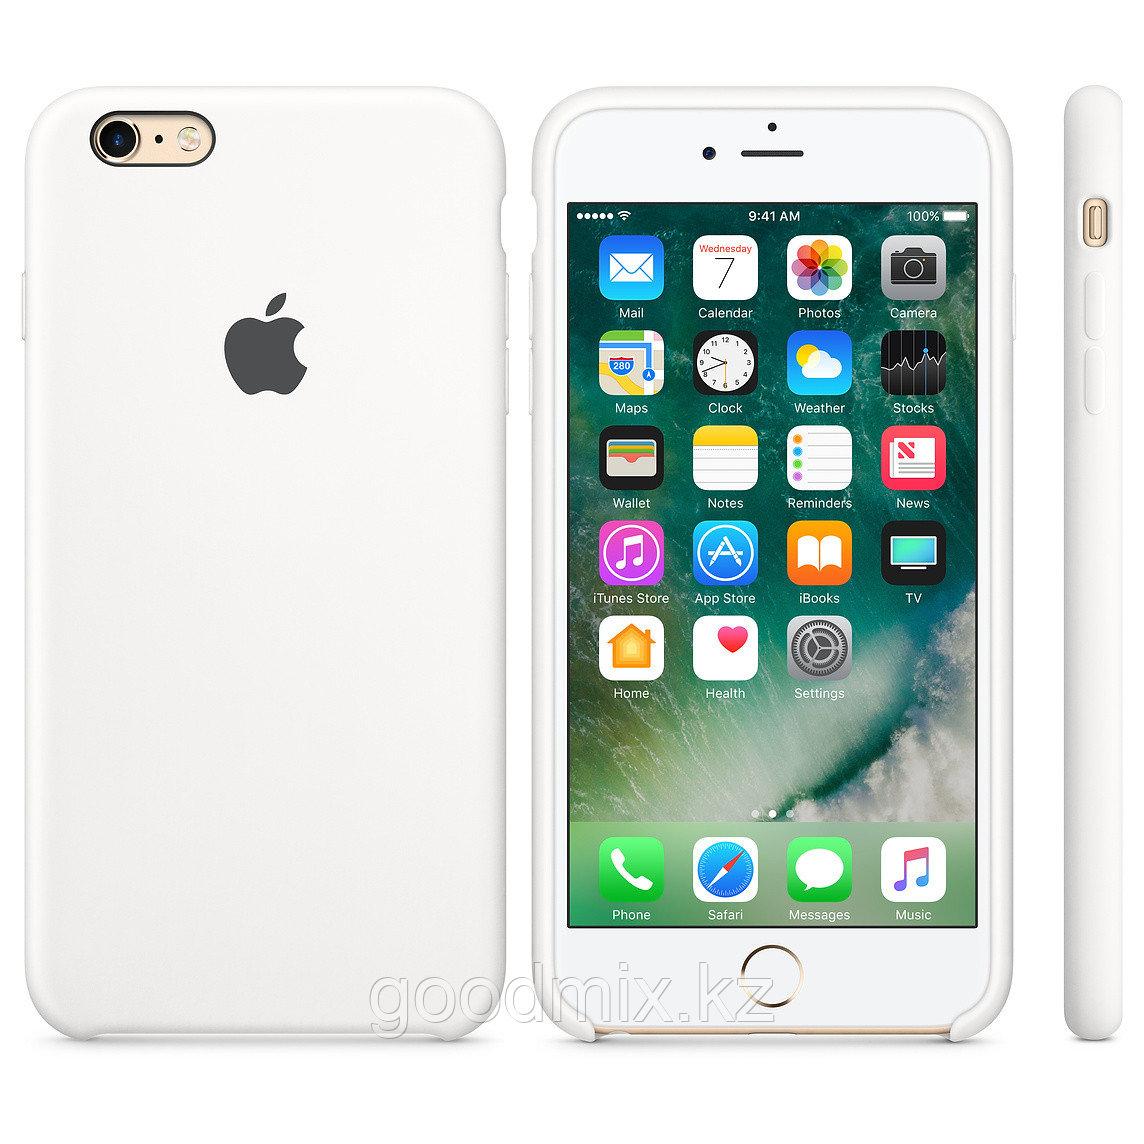 Силиконовый чехол для iPhone 6/6s (белый)